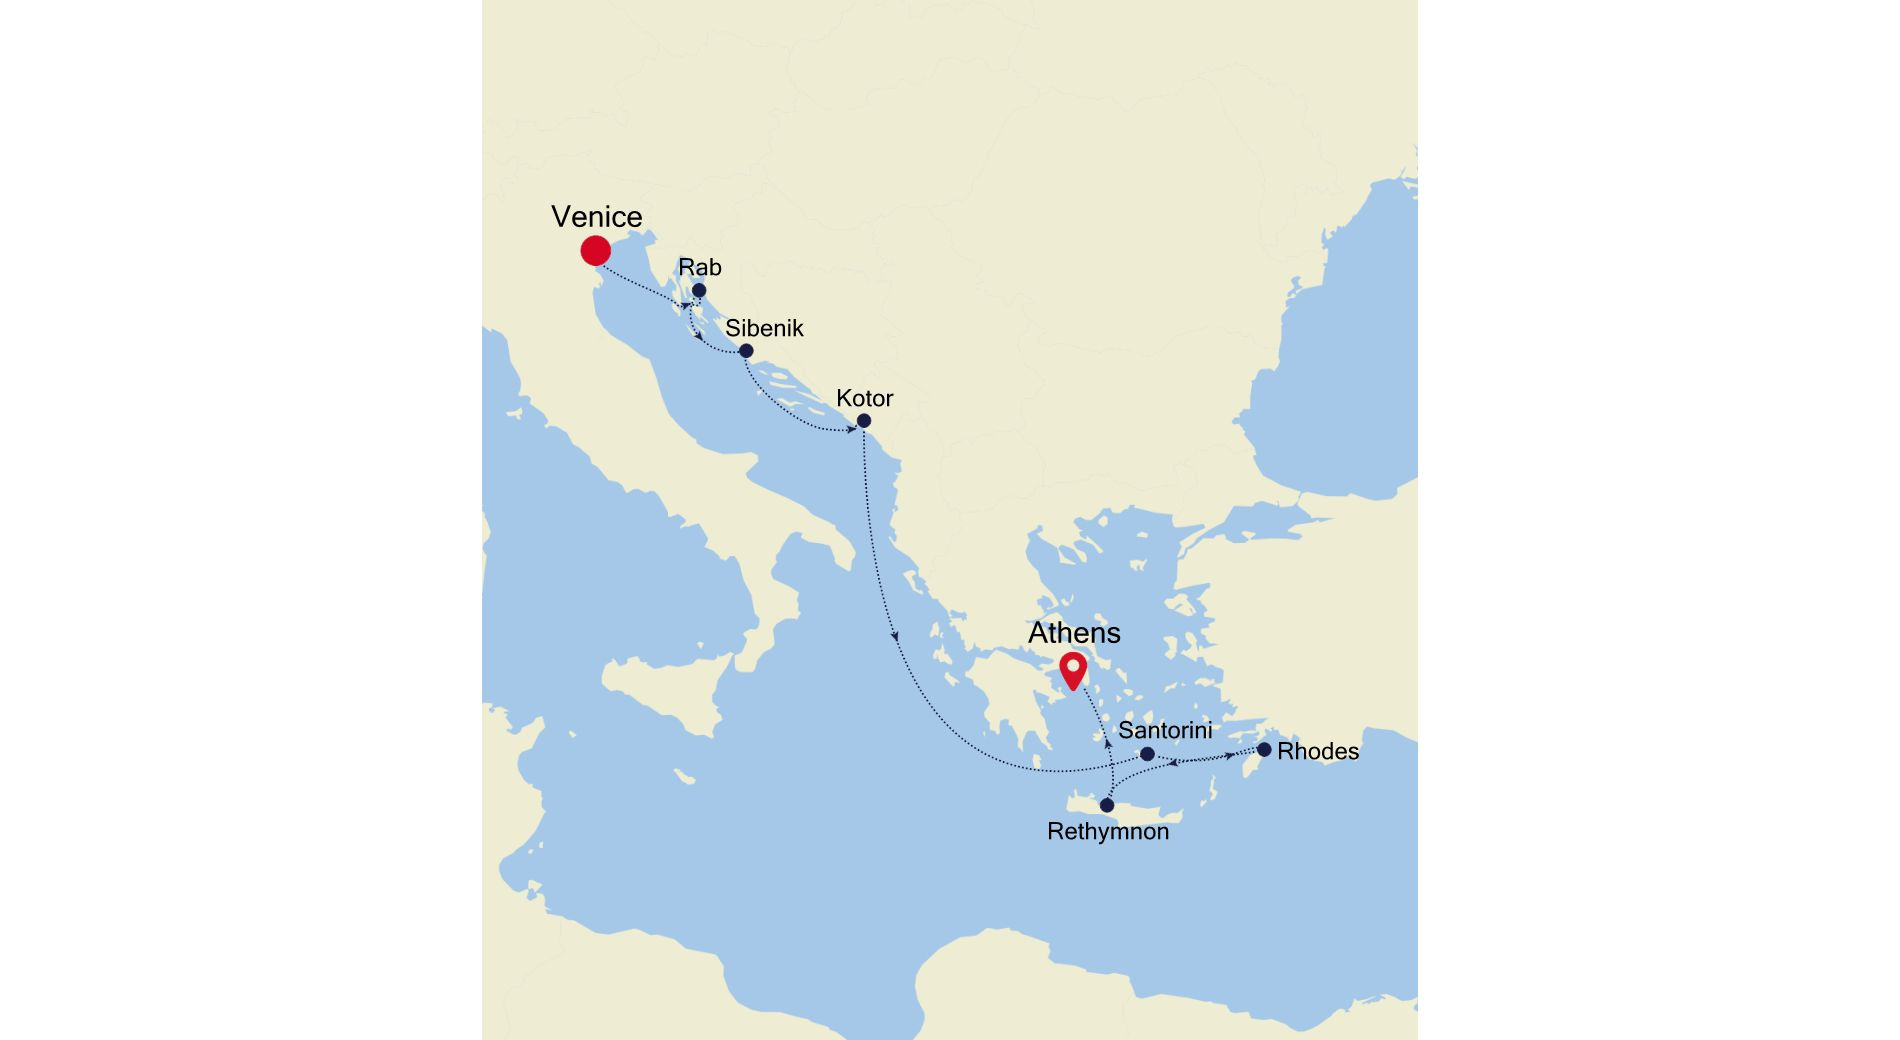 WH200819009 - Venice à Piraeus